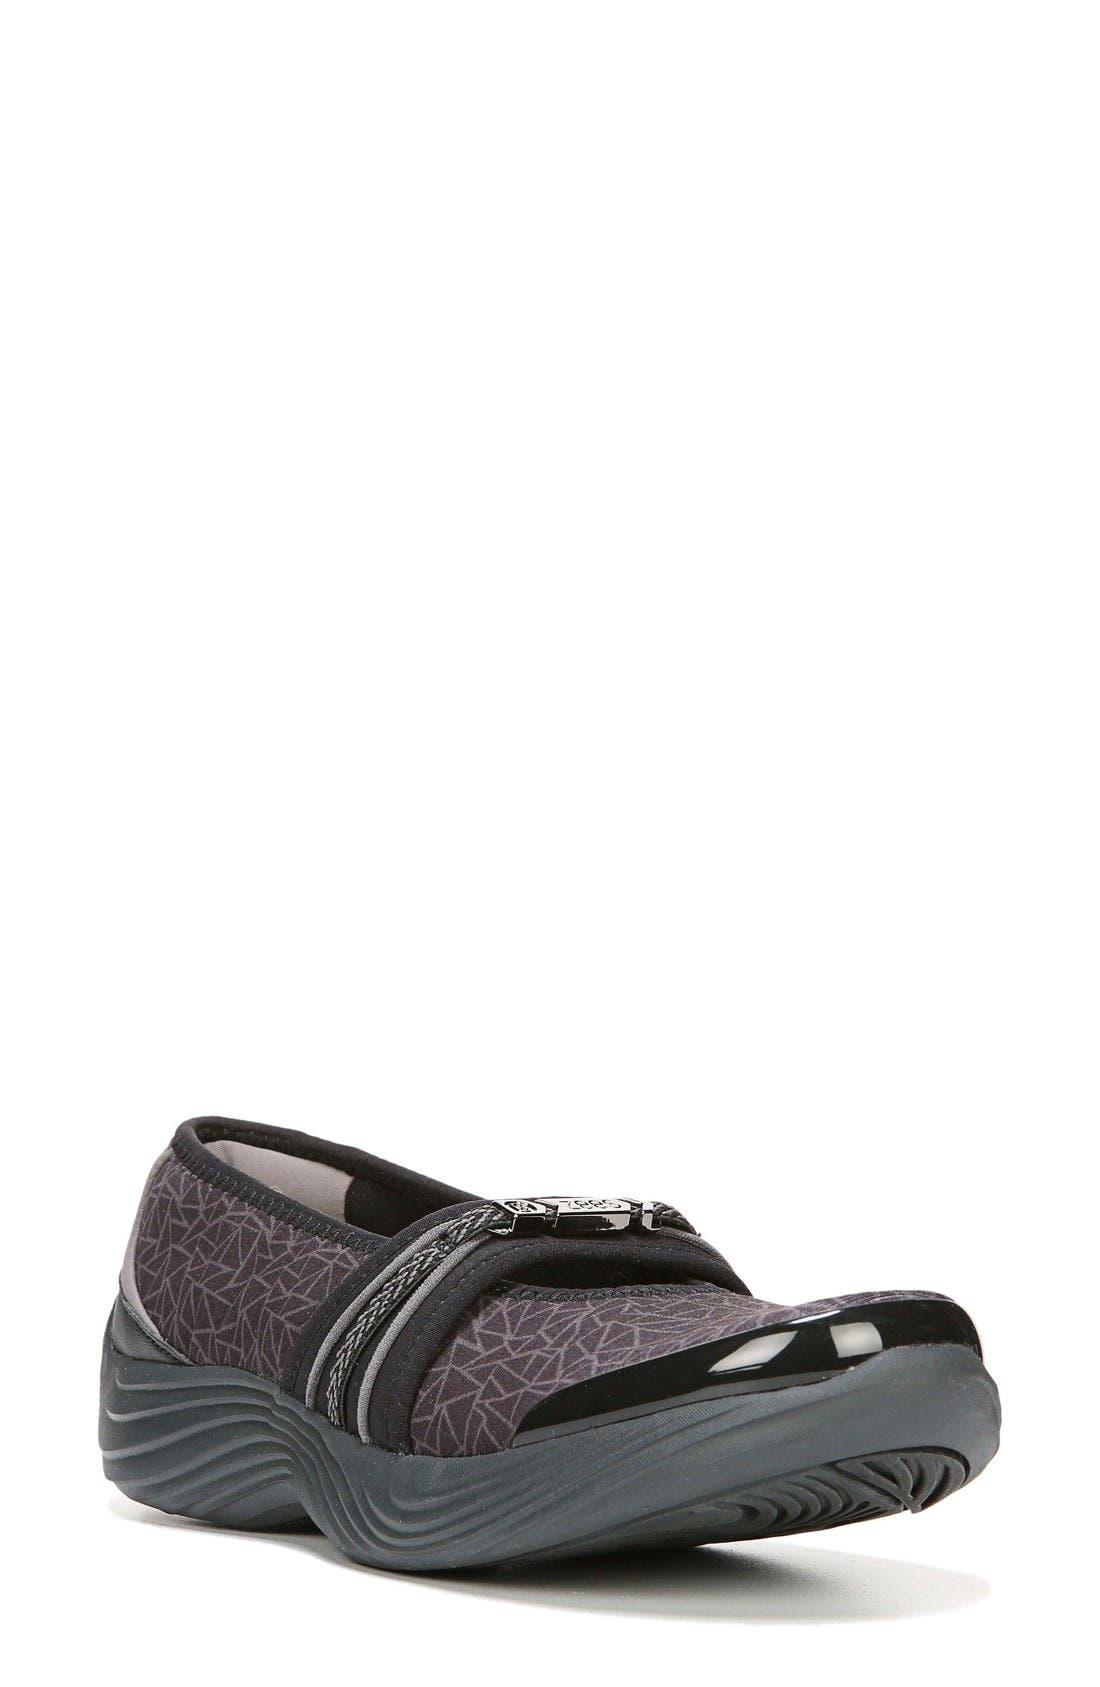 Main Image - BZees Twinkle Slip-On Sneaker (Women)